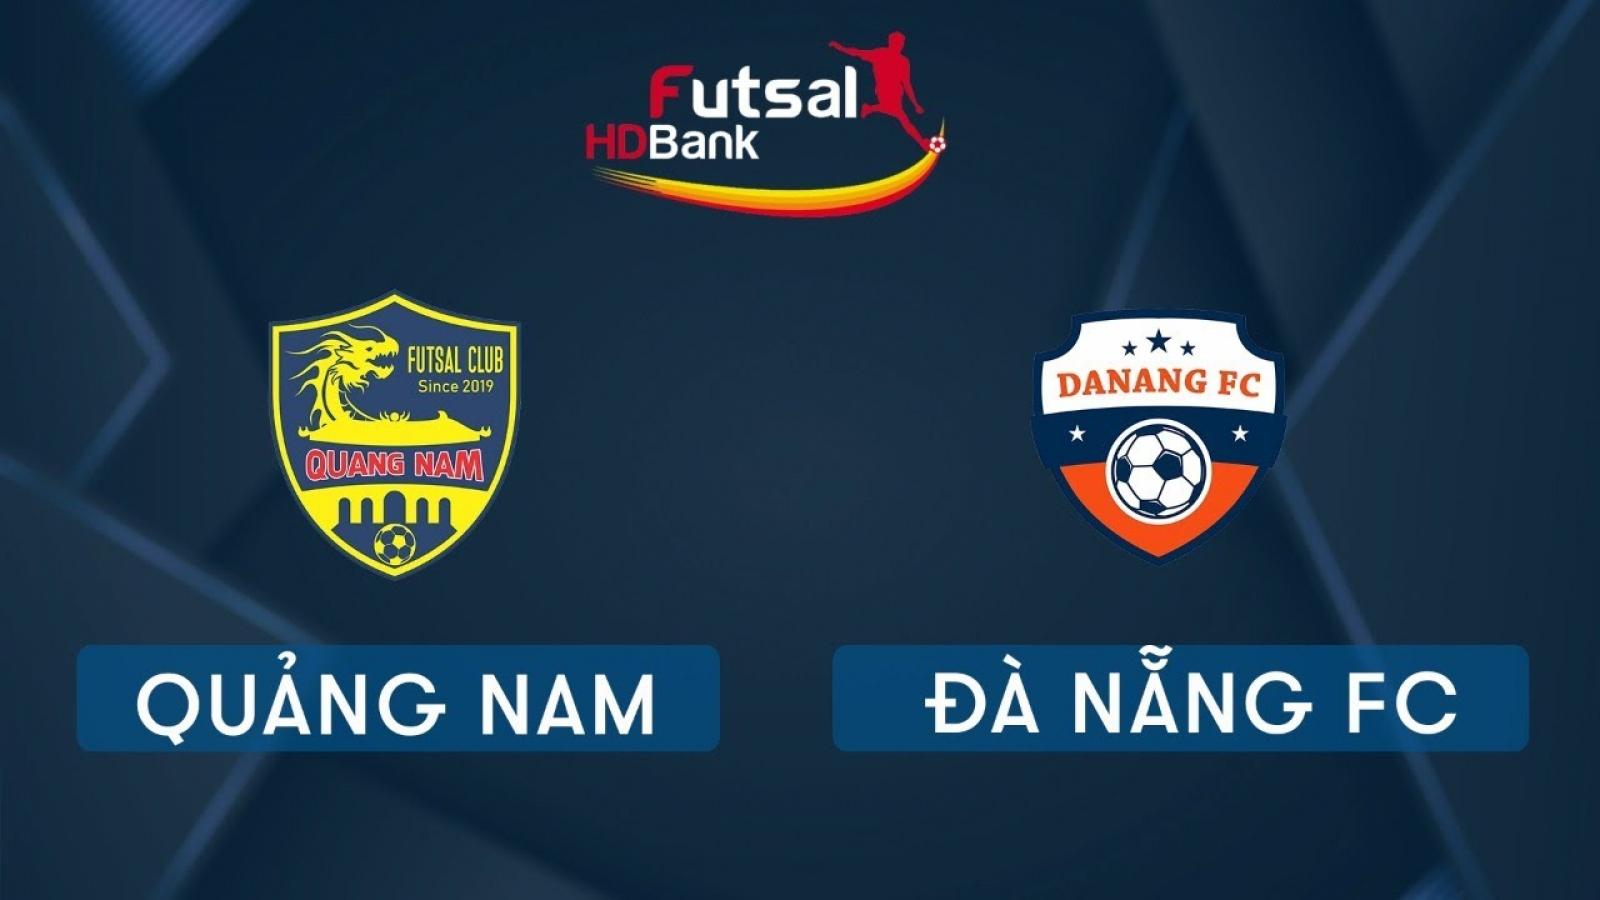 Trực tiếp Quảng Nam vs Đà Nẵng FC Giải Futsal HDBank 2020